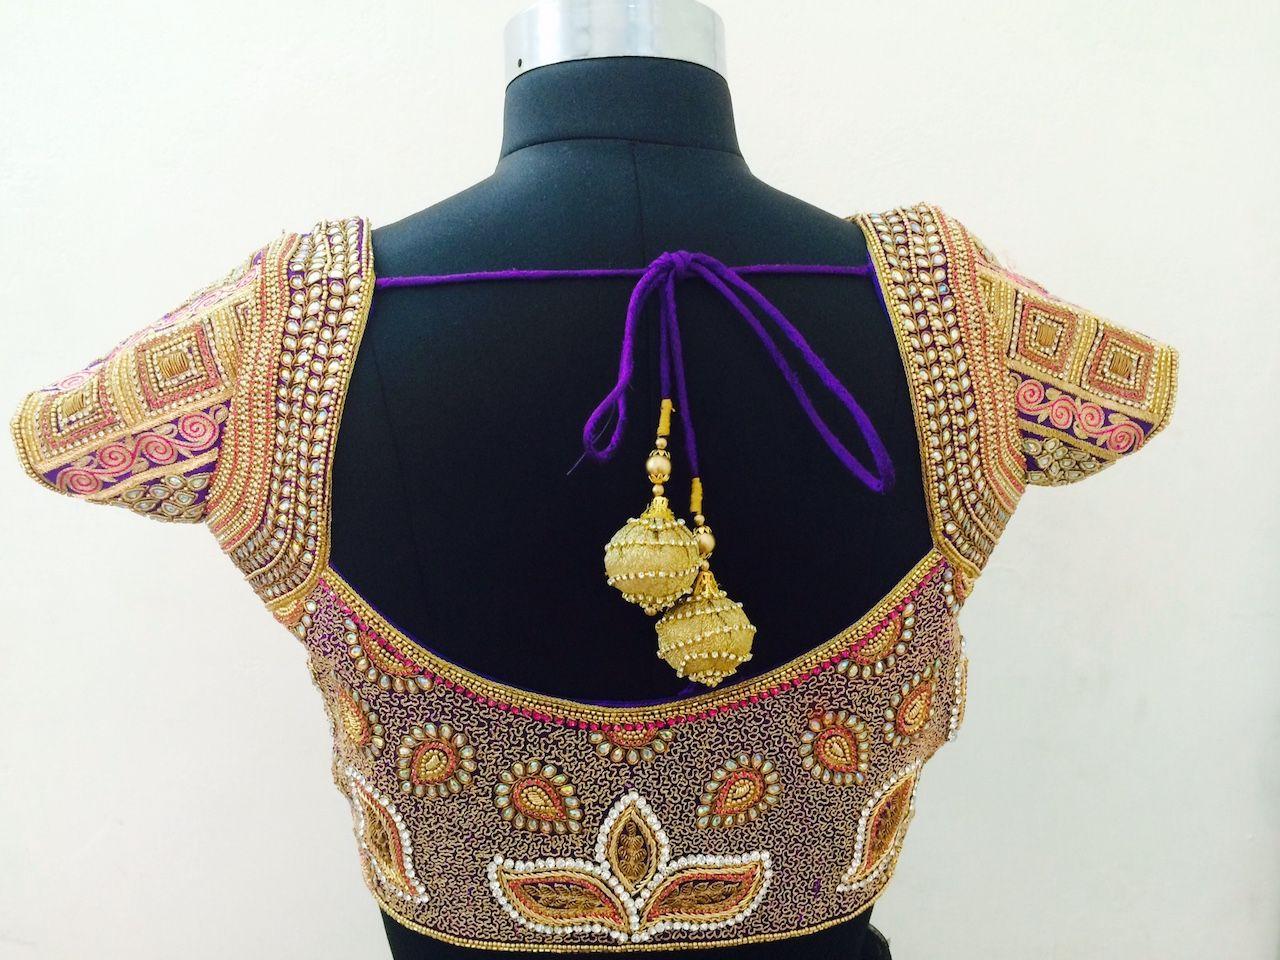 paroksha-deep cut neck bordered with embellishments